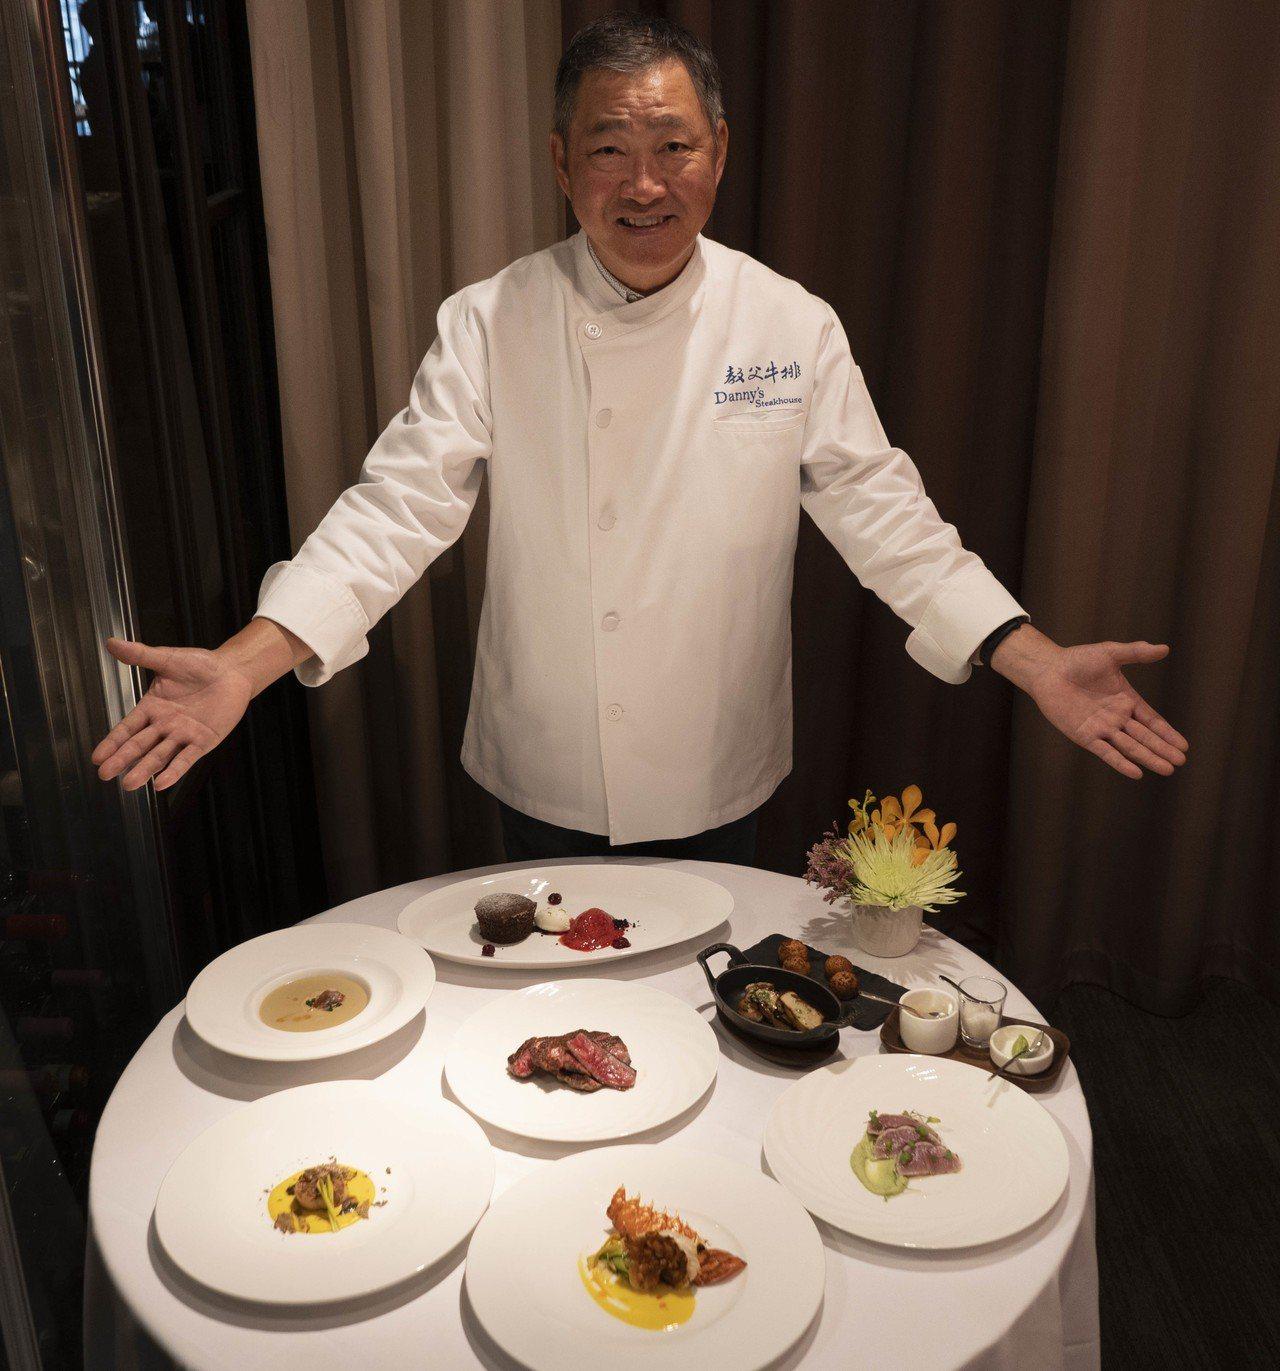 鄧有癸特別為新光三越設計「星廚饗宴」。圖/新光三越提供